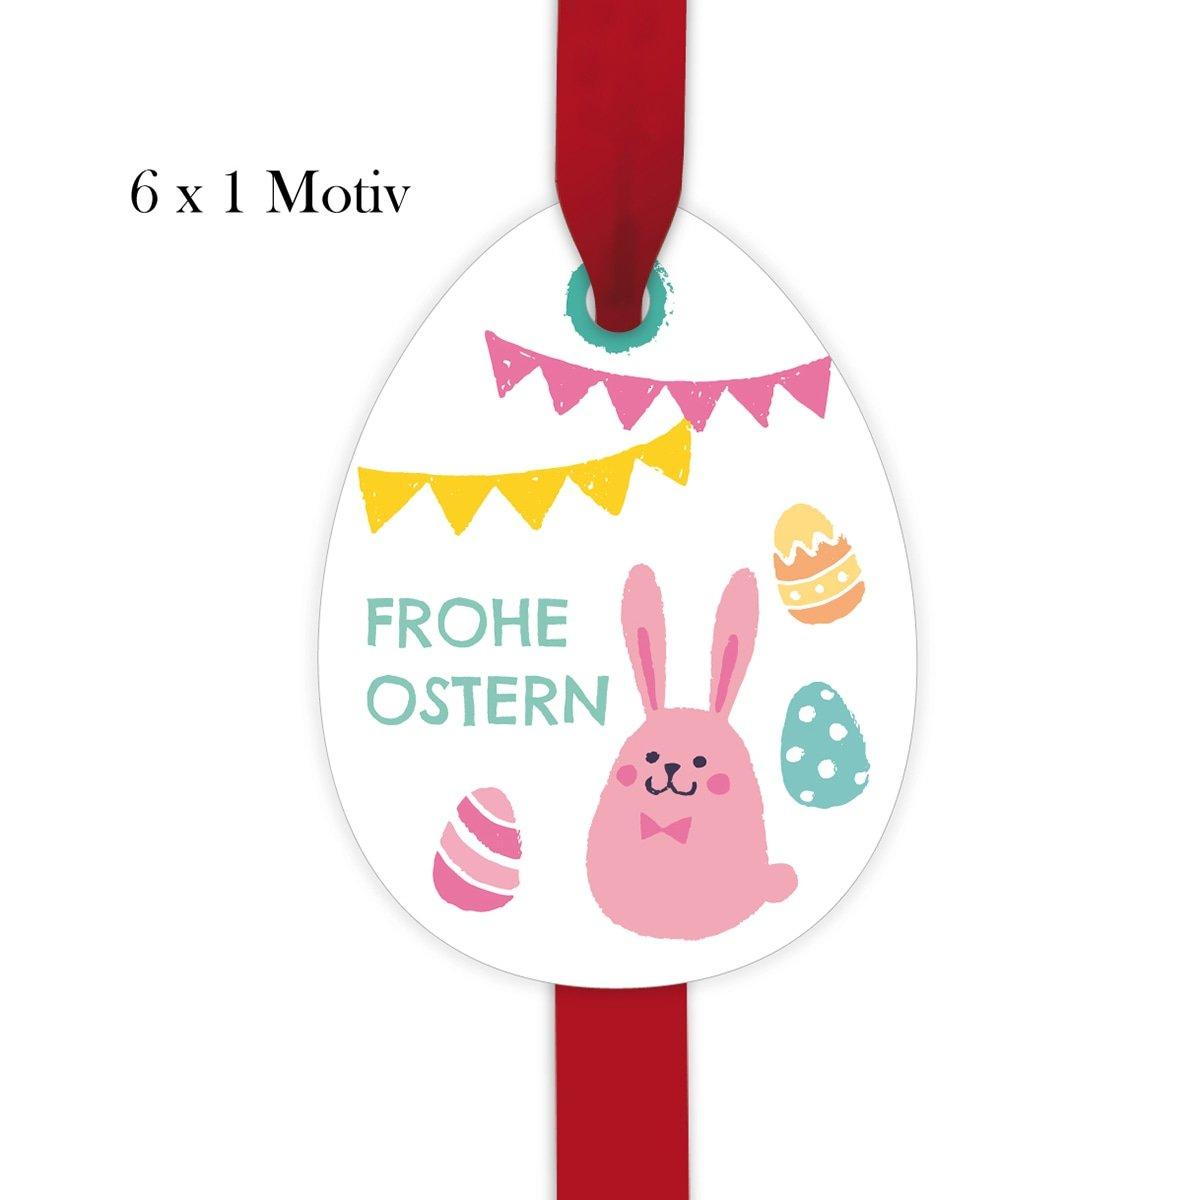 Kartenkaufrausch 60 süße Oster Geschenkanhänger | Deko Geschenkkarten Geschenkkarten Geschenkkarten | Papieranhänger | Etiketten in Osterei Form 10 x 7,5cm mit Osterhäschen: frohe Ostern bdba4c